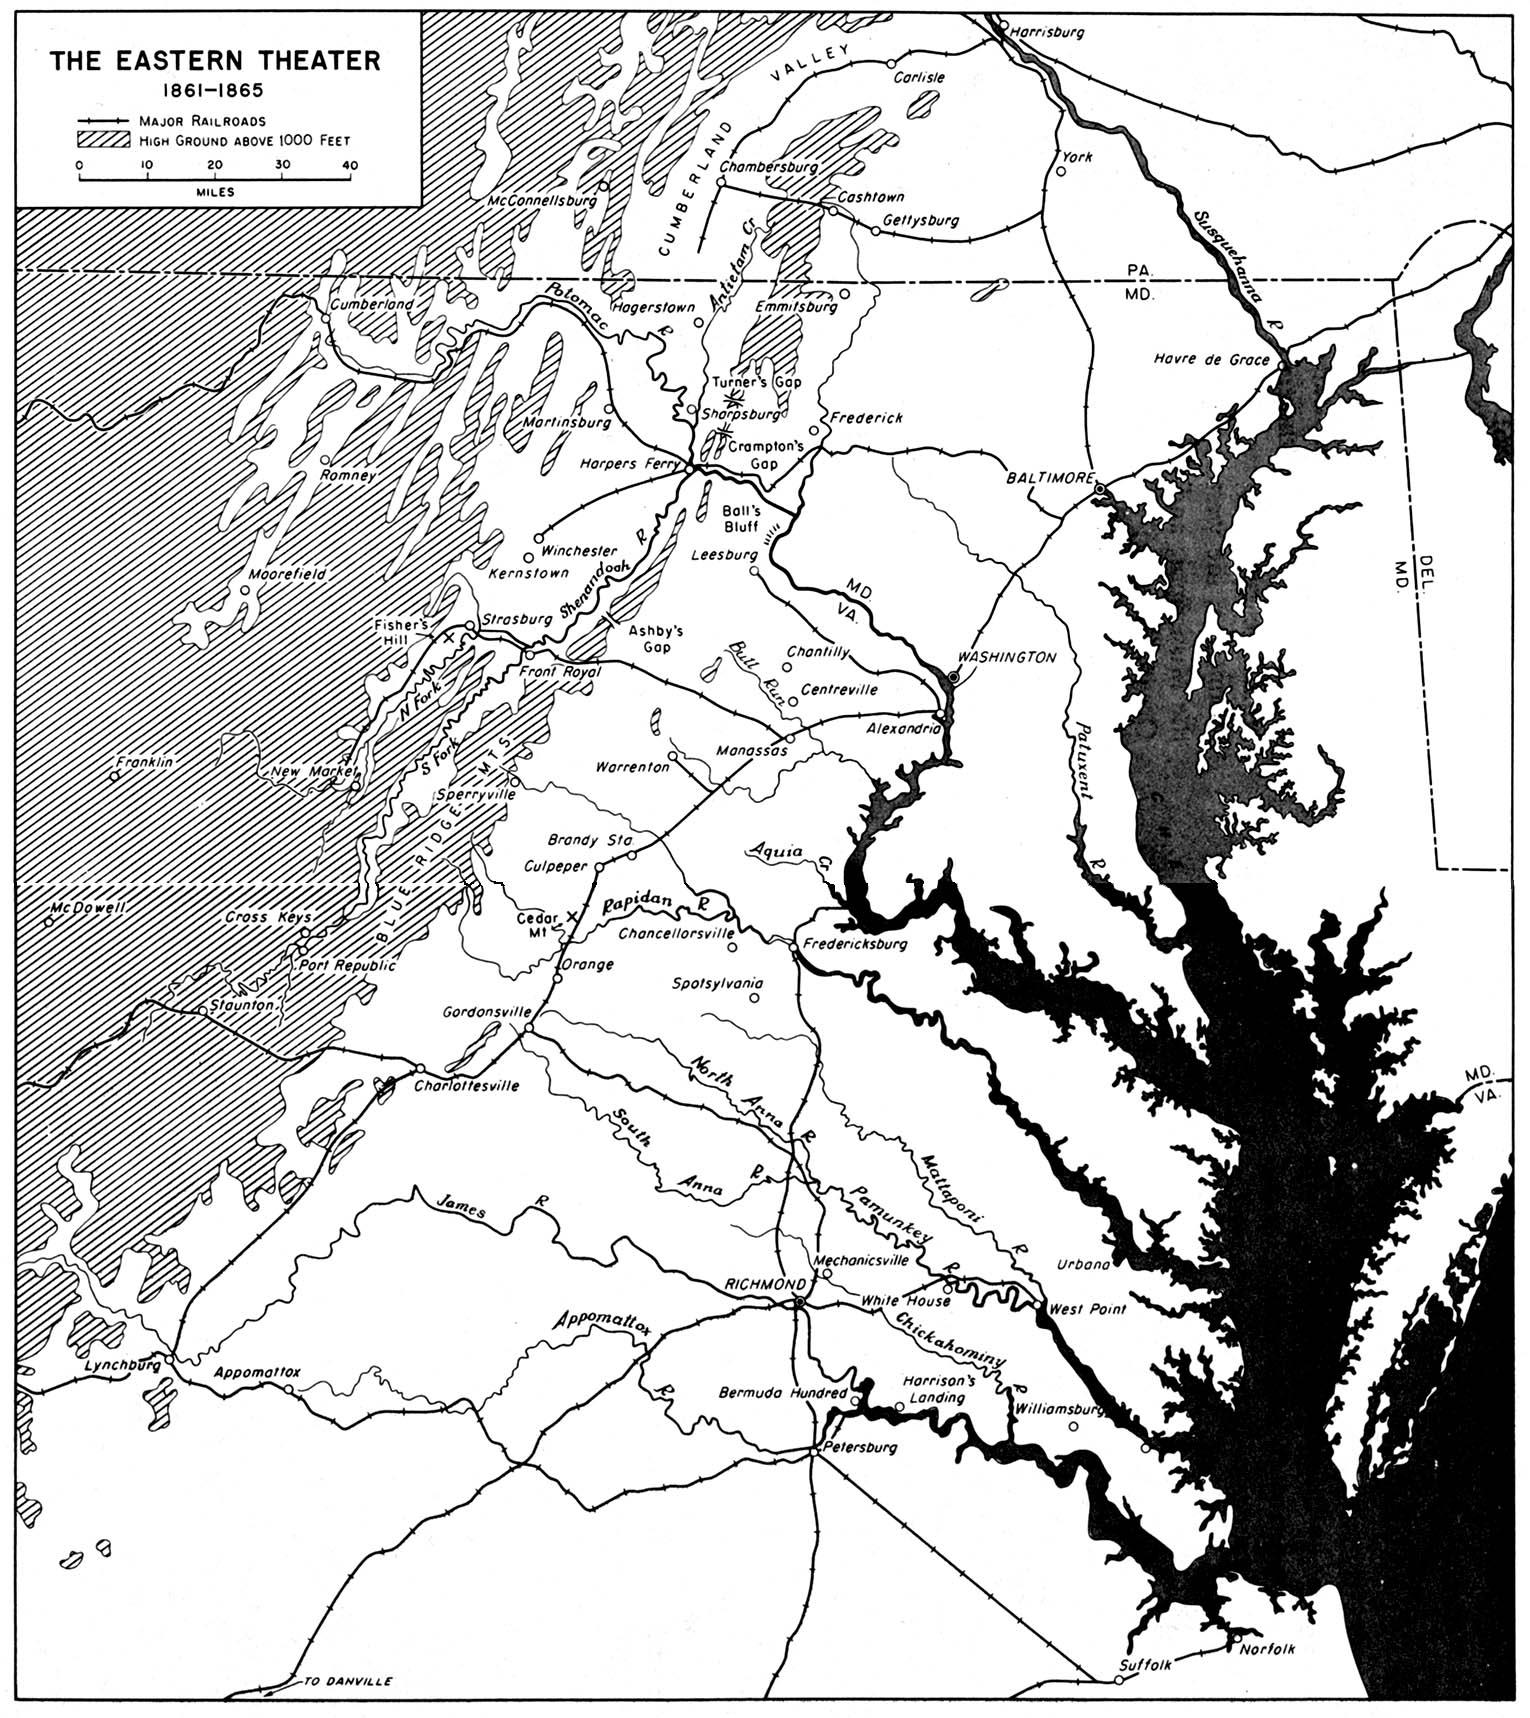 Mapa del Teatro Oriental, Guerra Civil Estadounidense  1861 - 1865